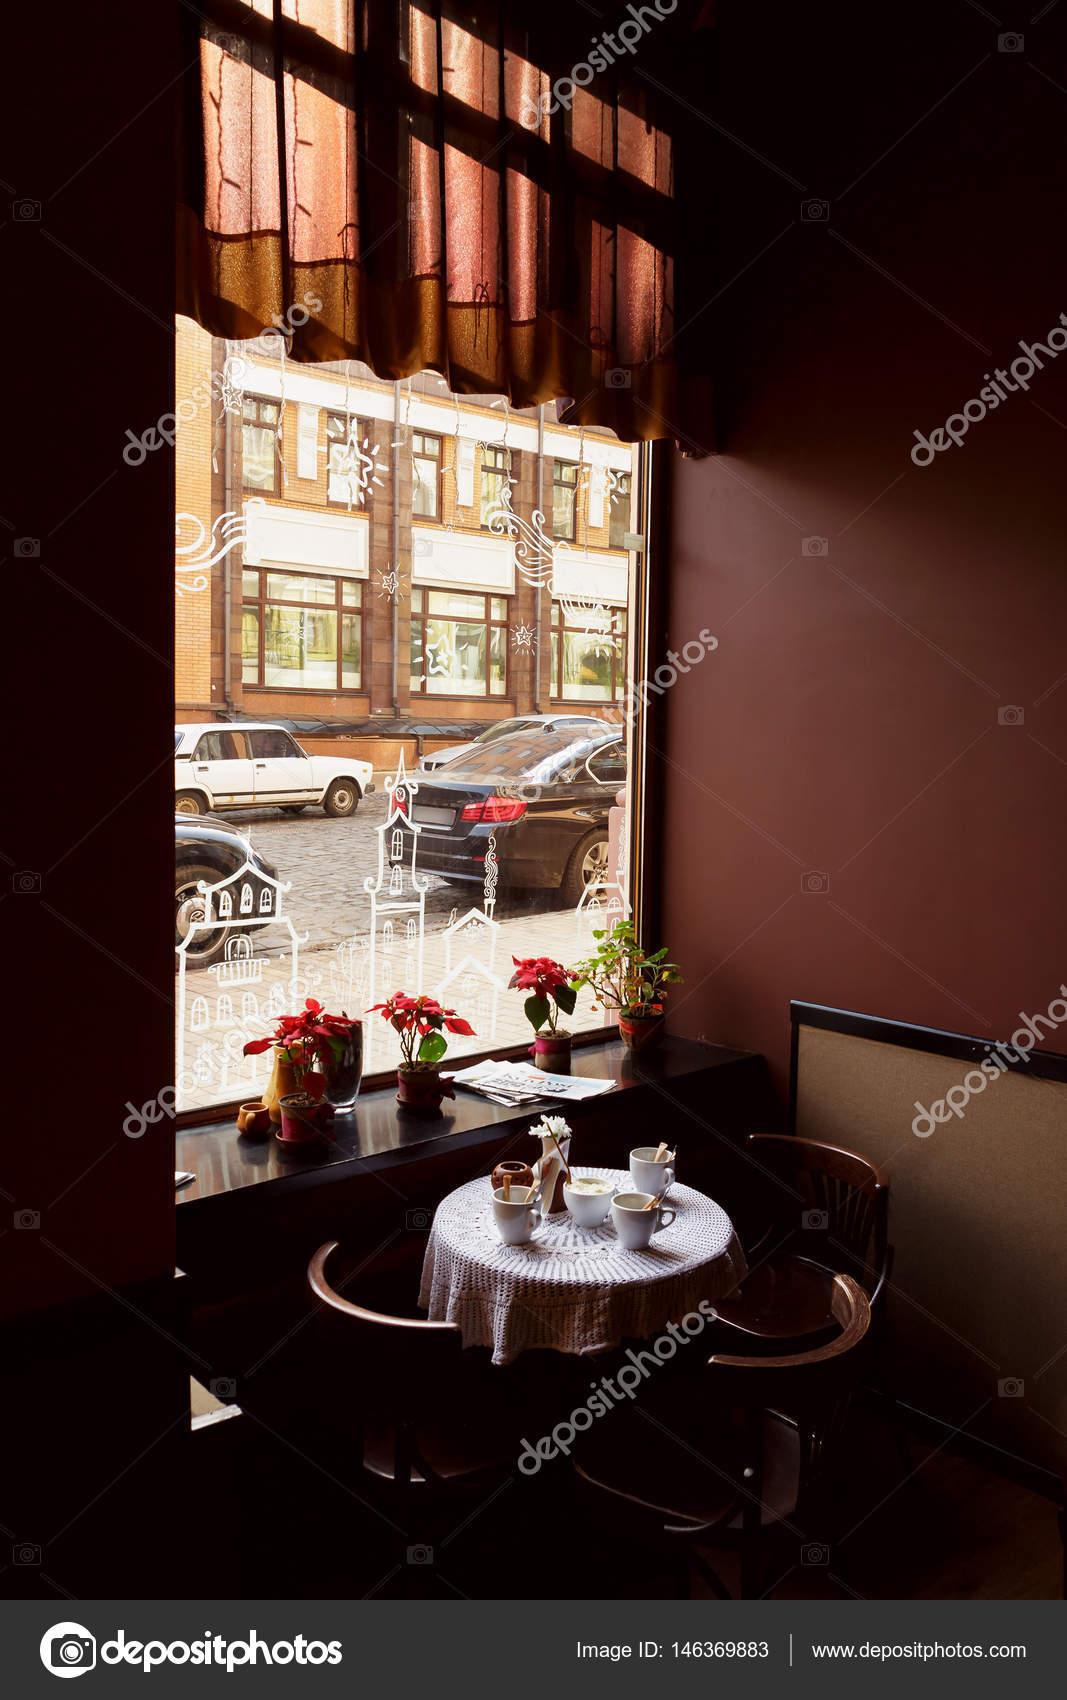 het interieur van een leeg caf of restaurant houten tafels en stoelen en een groot raam in het bruin caf zaal foto van logvinyukyuliia